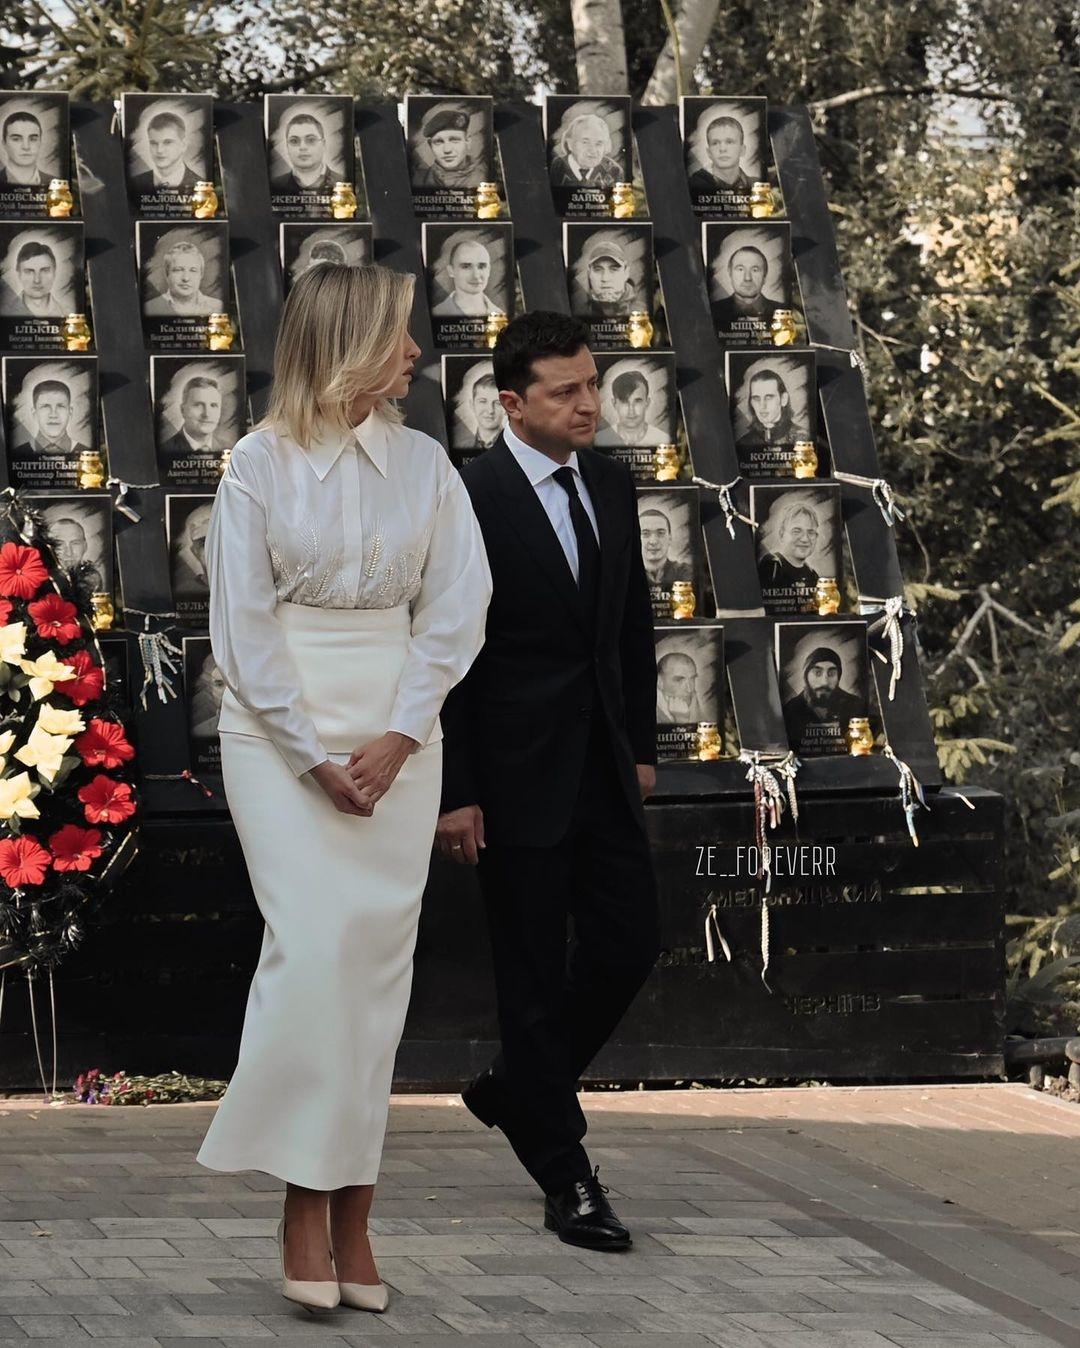 В белой блузке и юбке молочного цвета: как Елена Зеленская выглядела на праздновании Дня Независимости 2021 - фото №1